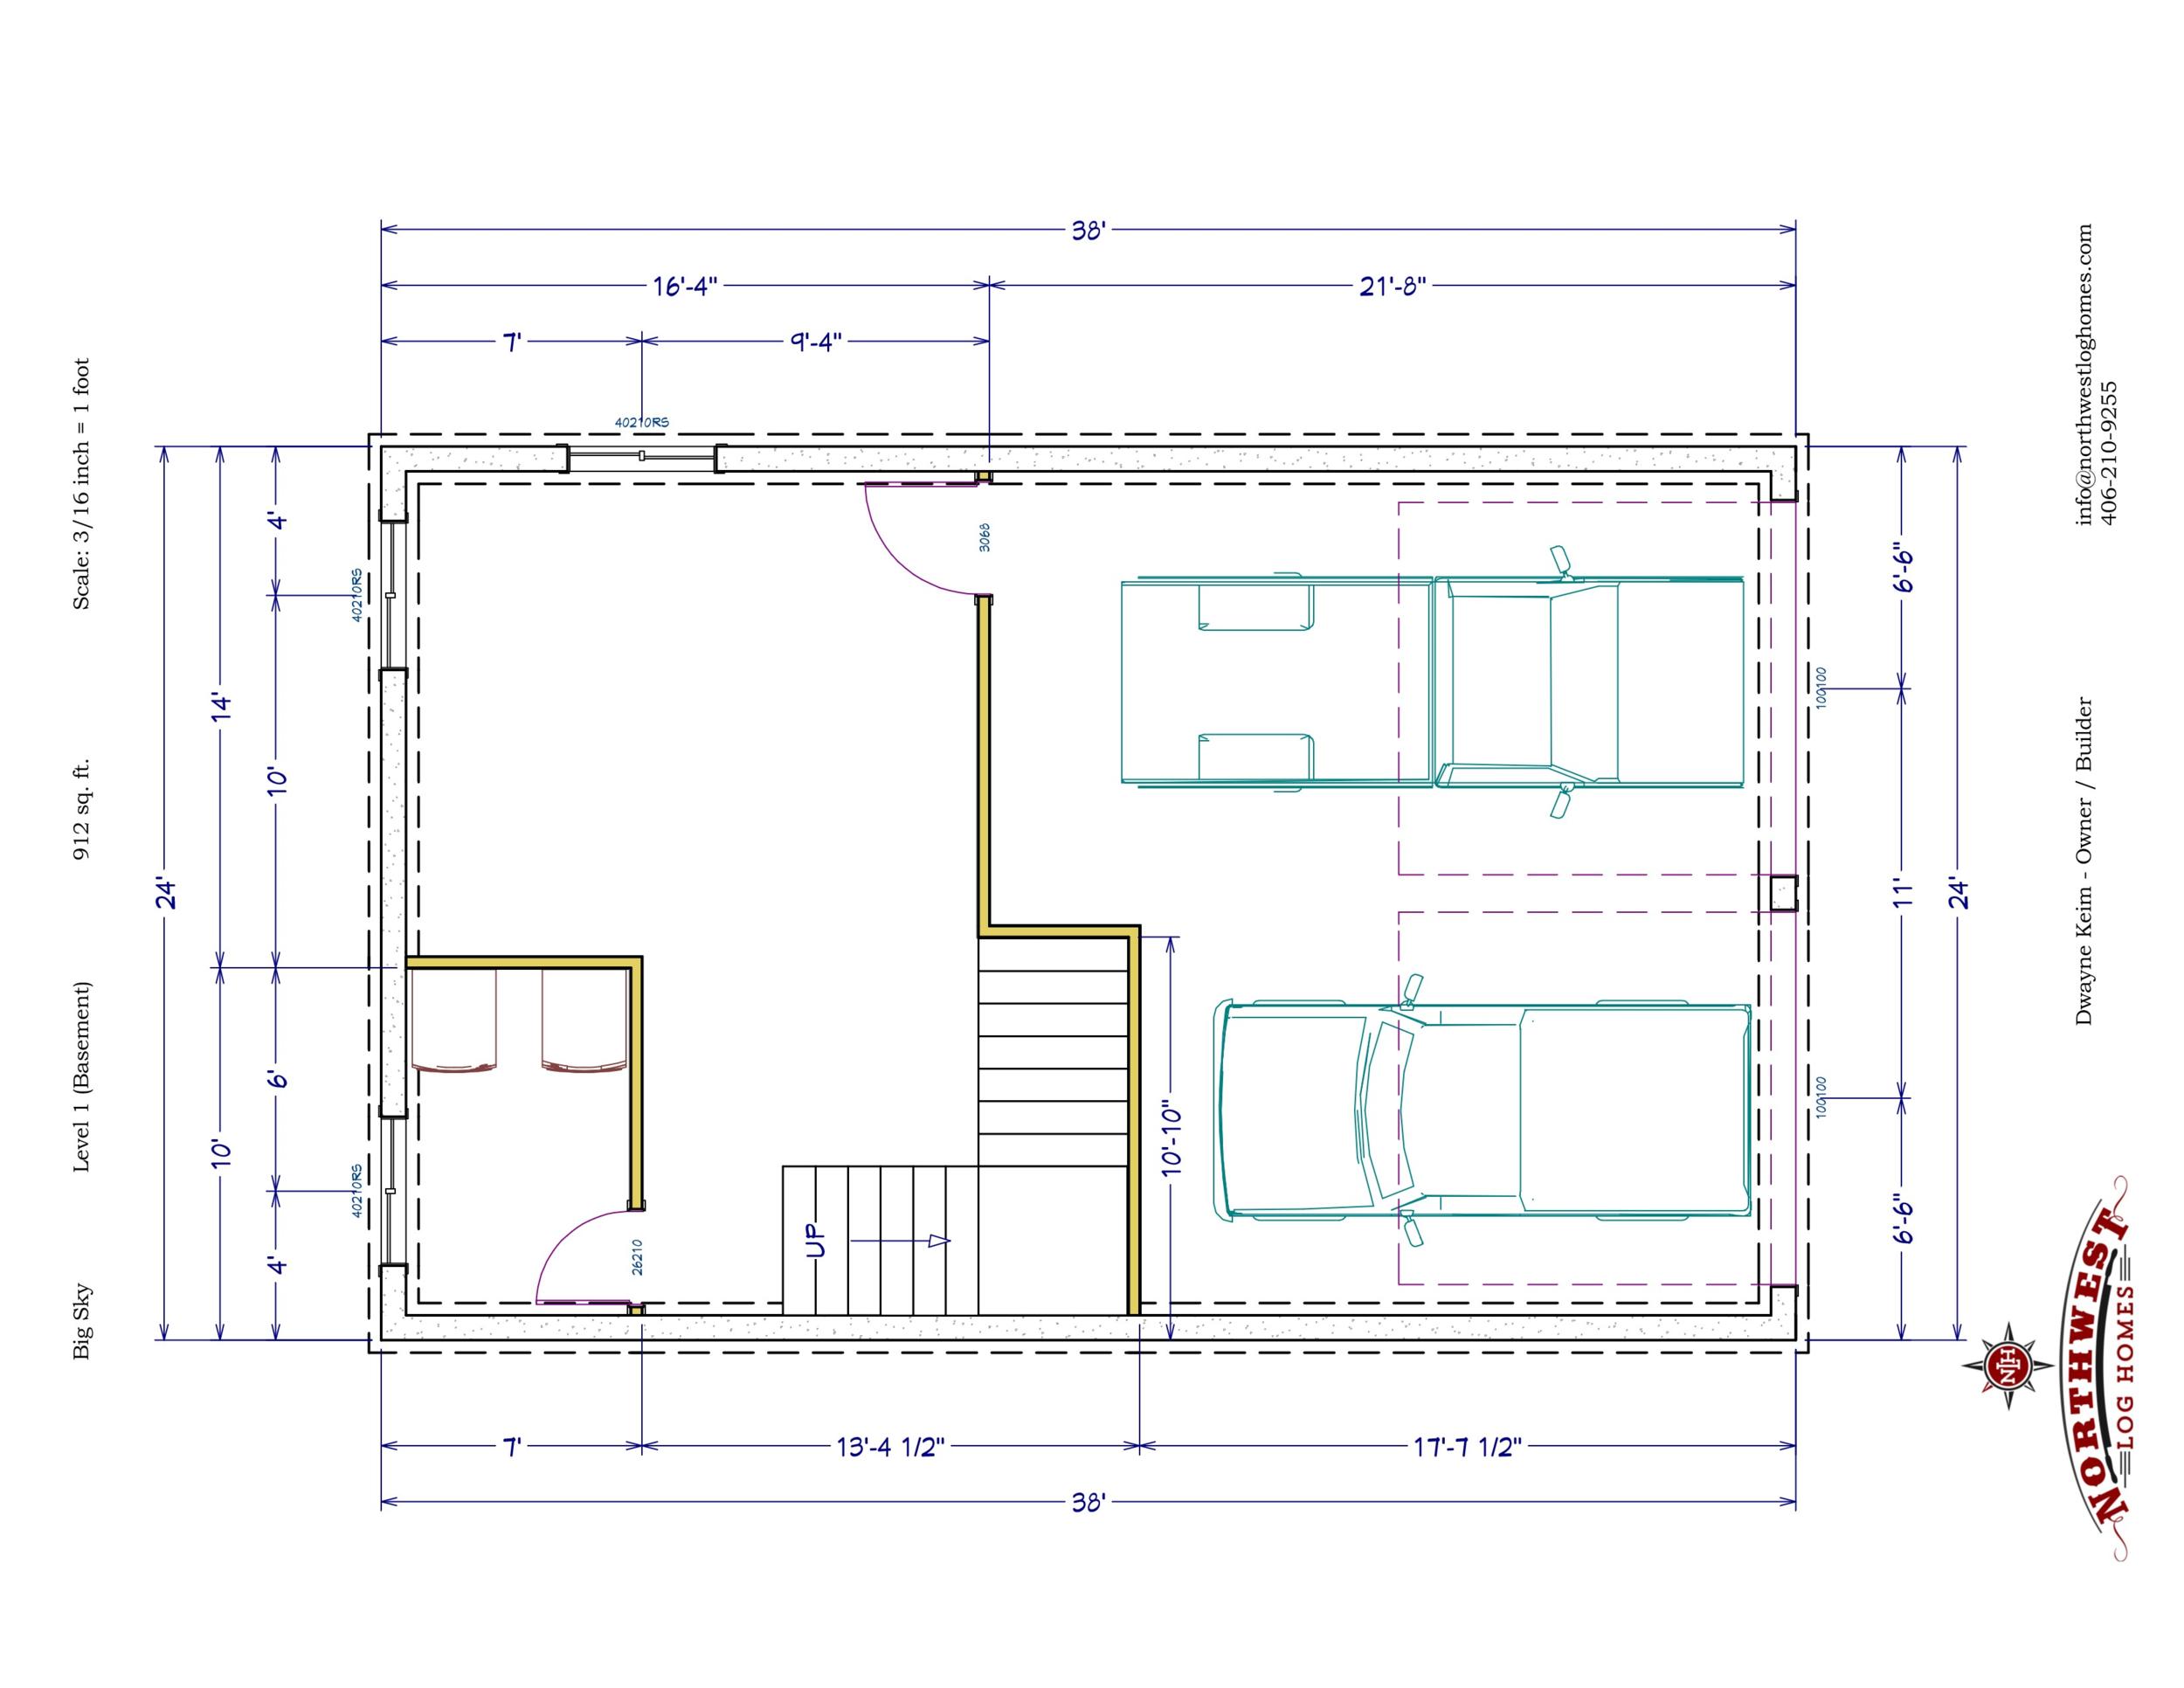 Basement - 912 sq. ft.